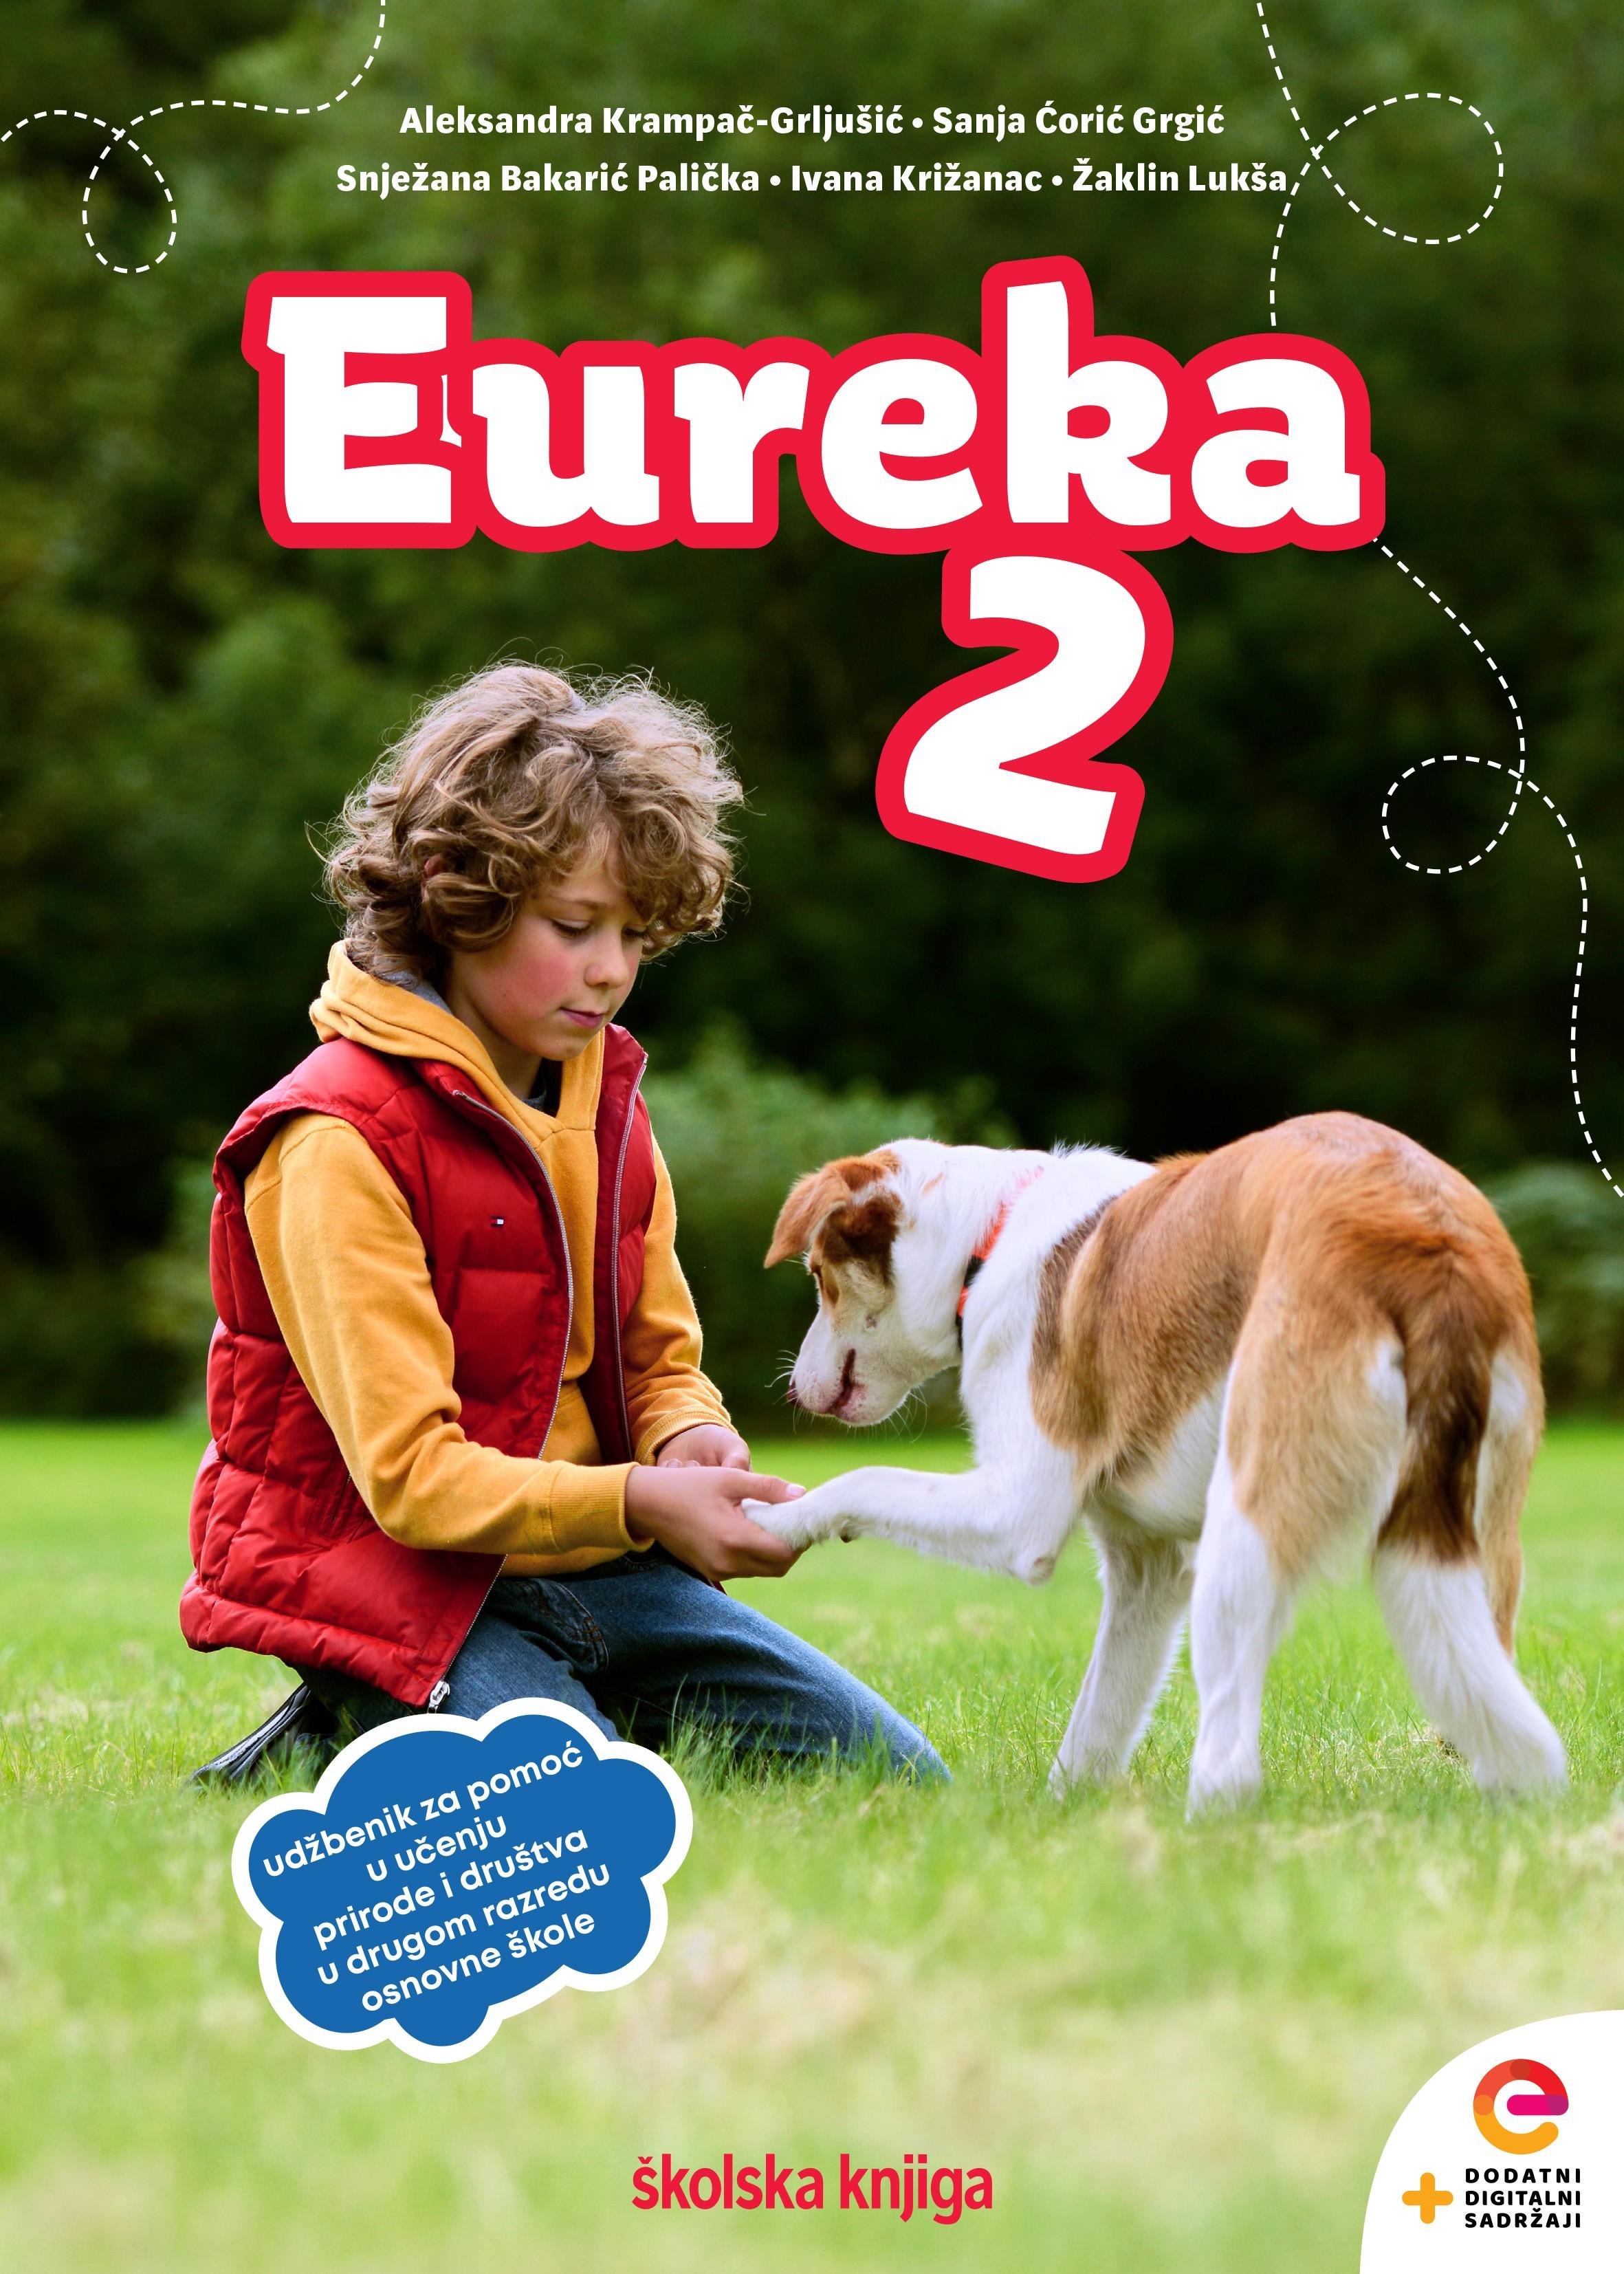 EUREKA 2 - radni udžbenik za pomoć u učenju prirode i društva u drugom razredu osnovne škole